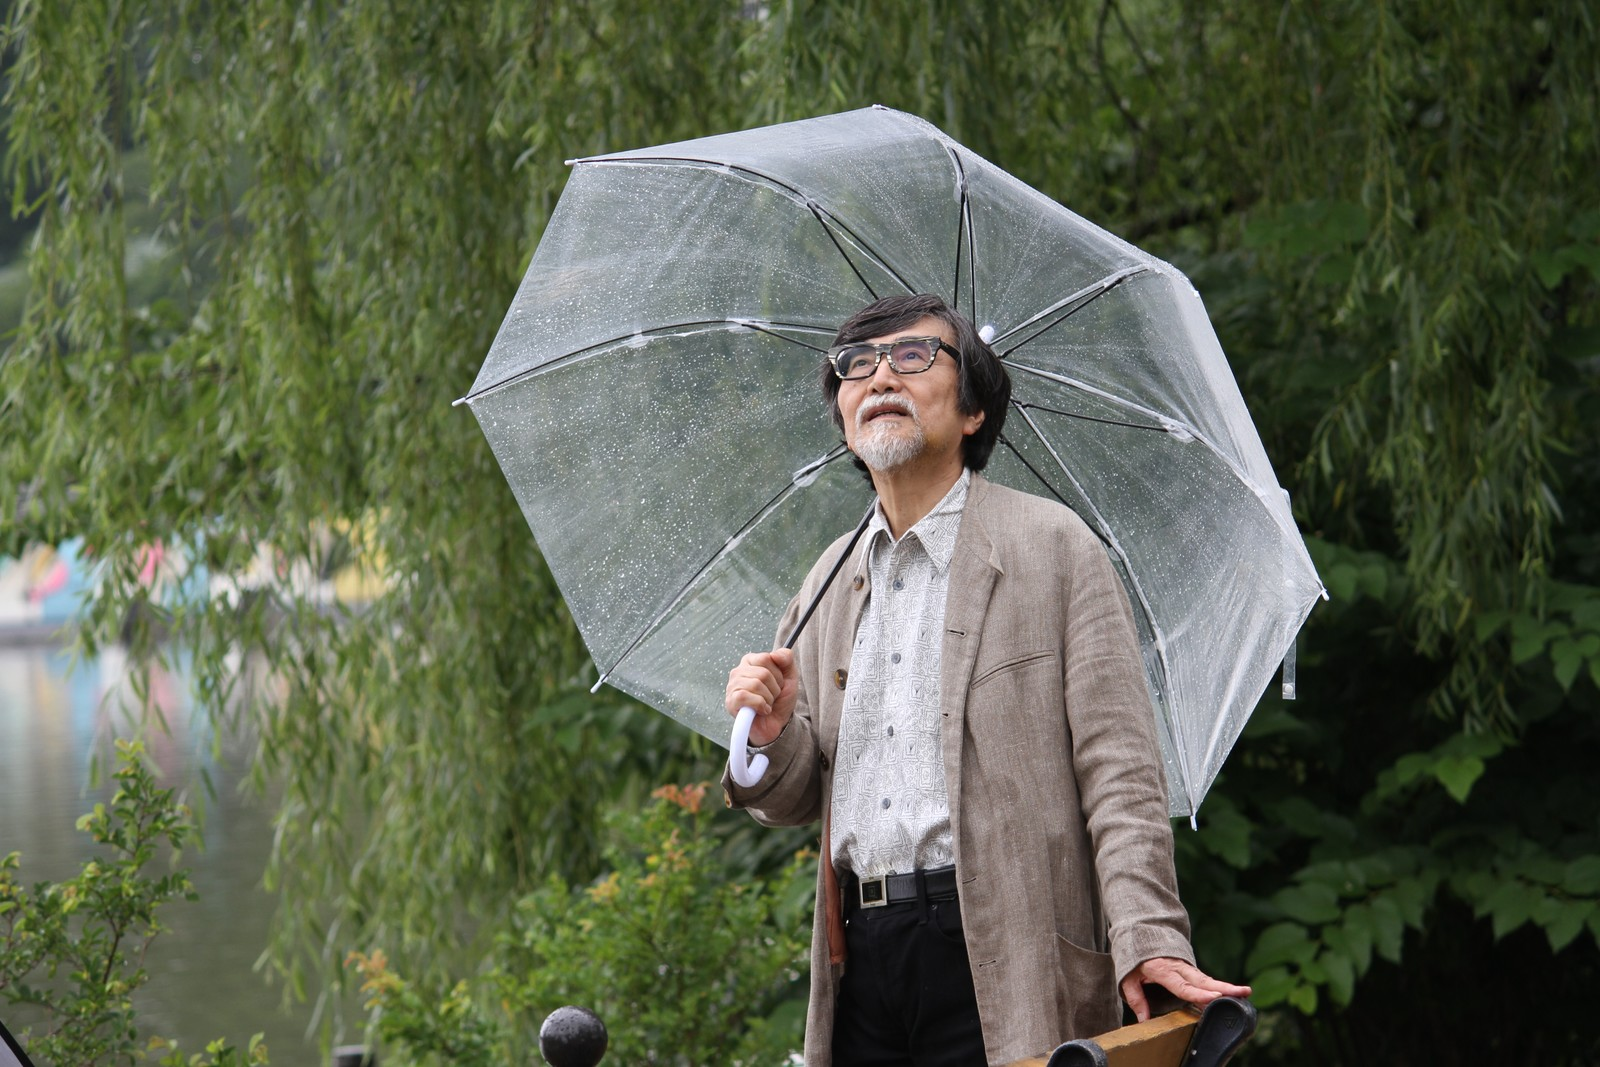 あの日もこんな雨の日じゃった・・,シニア,写真,画像,素材,老人,高齢者,フリー